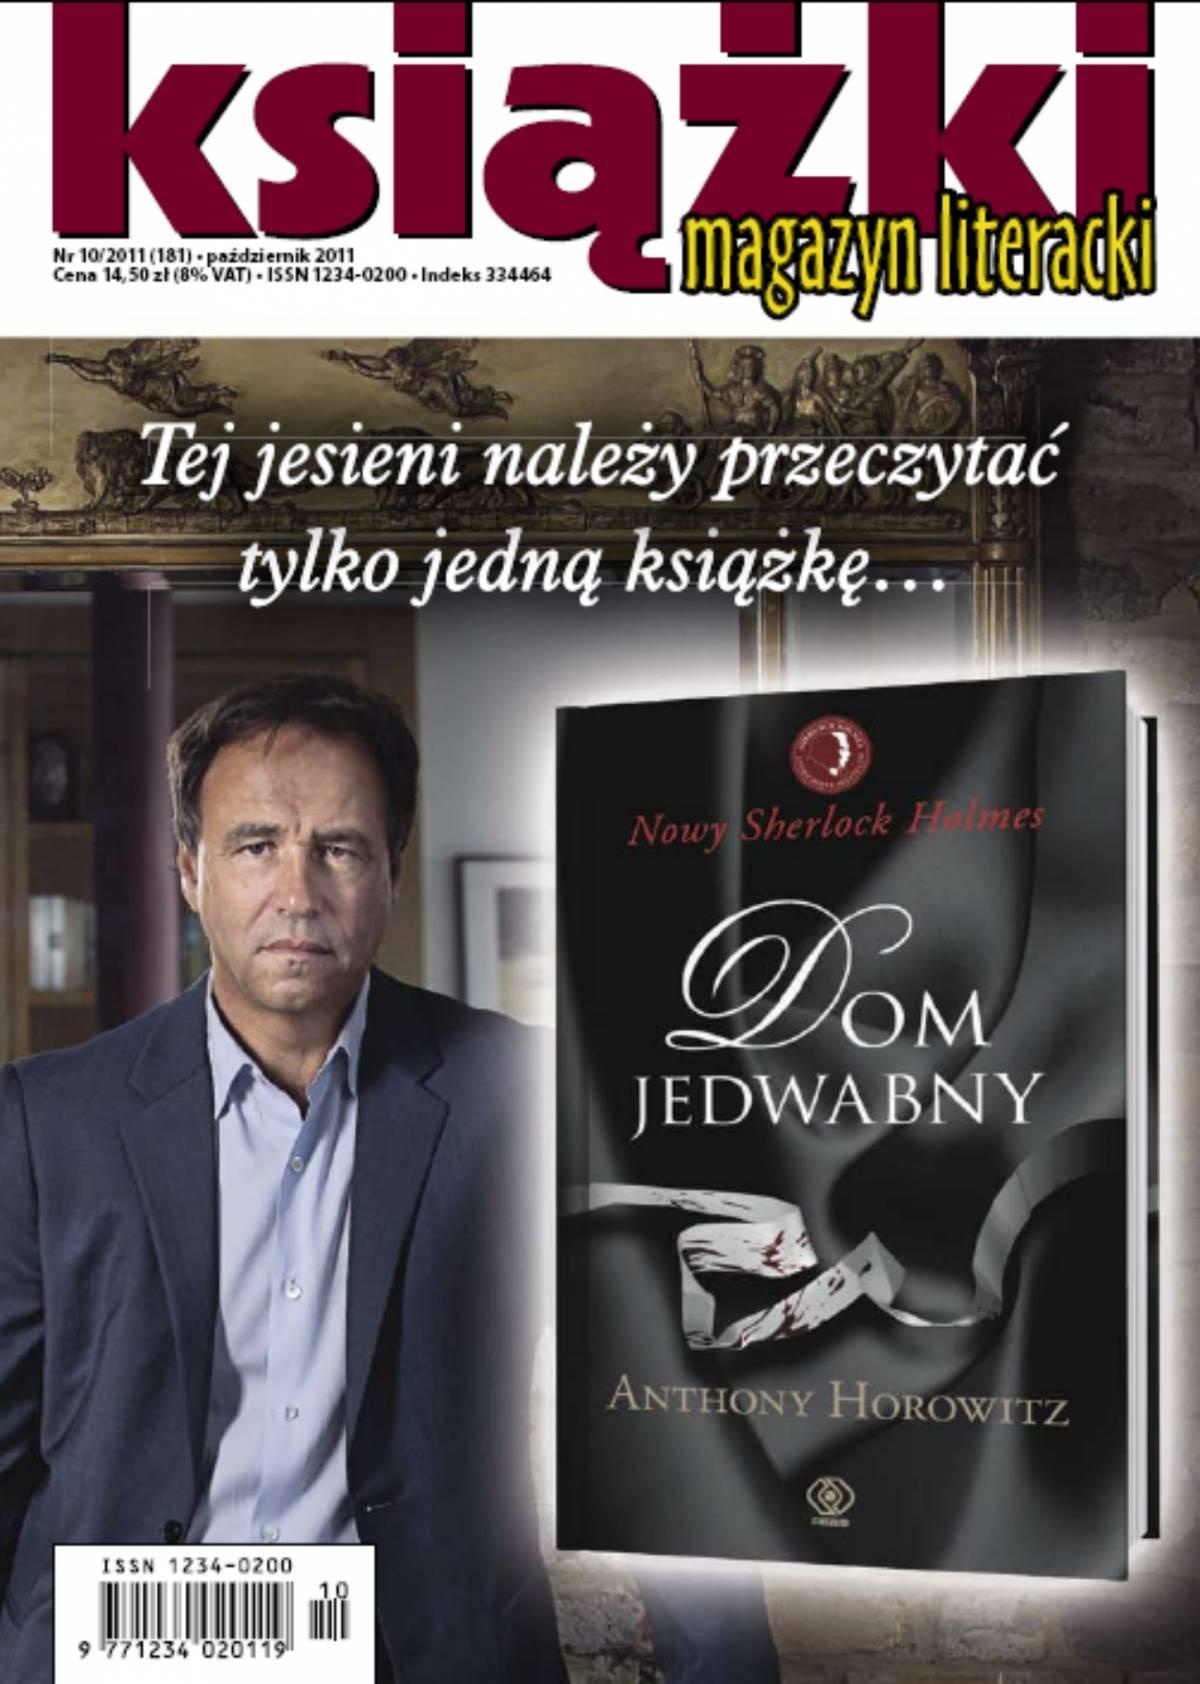 Magazyn Literacki KSIĄŻKI - nr 10/2011 (181) - Ebook (Książka PDF) do pobrania w formacie PDF